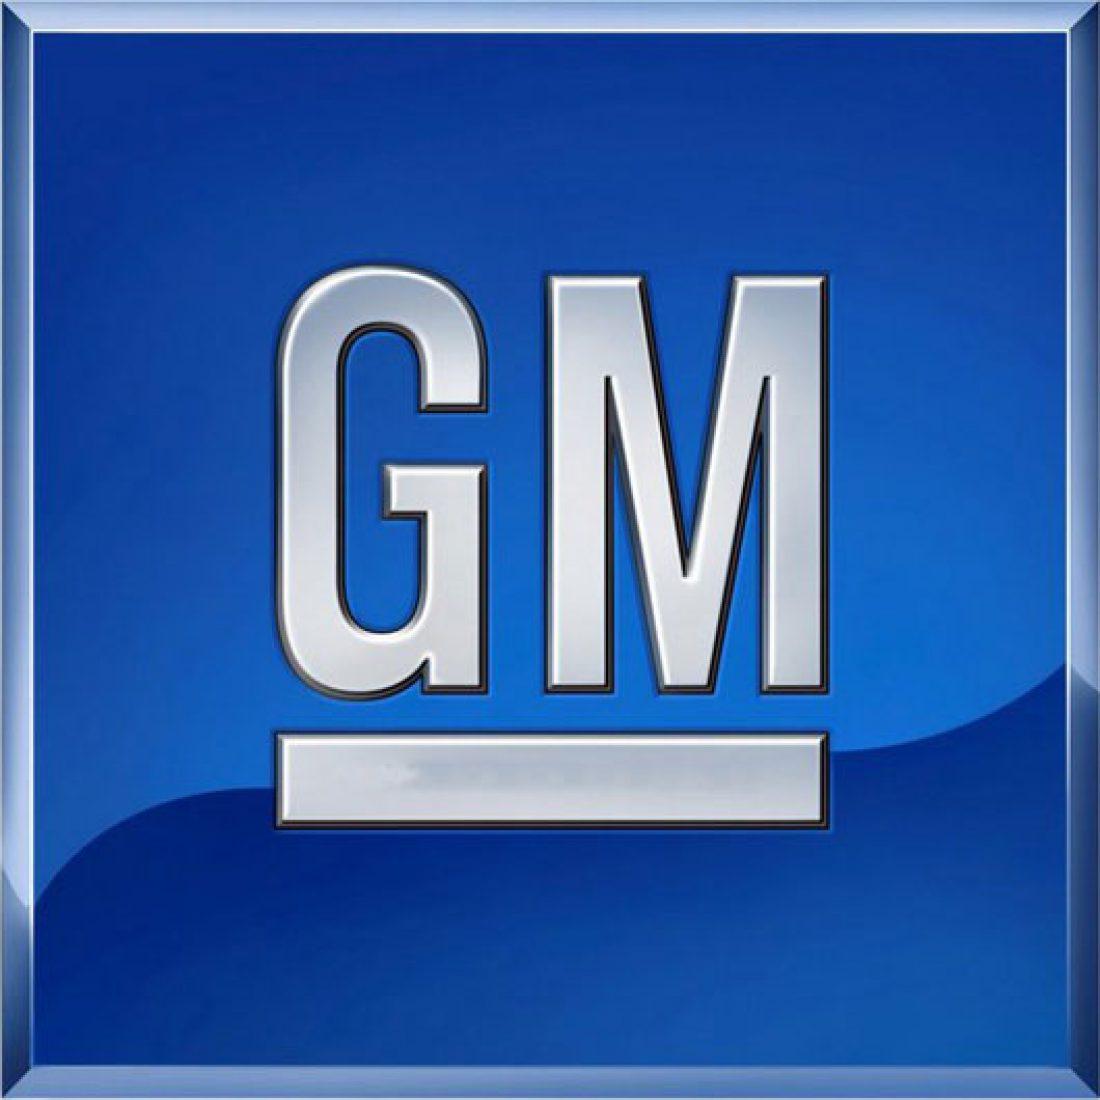 CGT en General Motors convoca una protesta contra la Inspección de Trabajo de Zaragoza